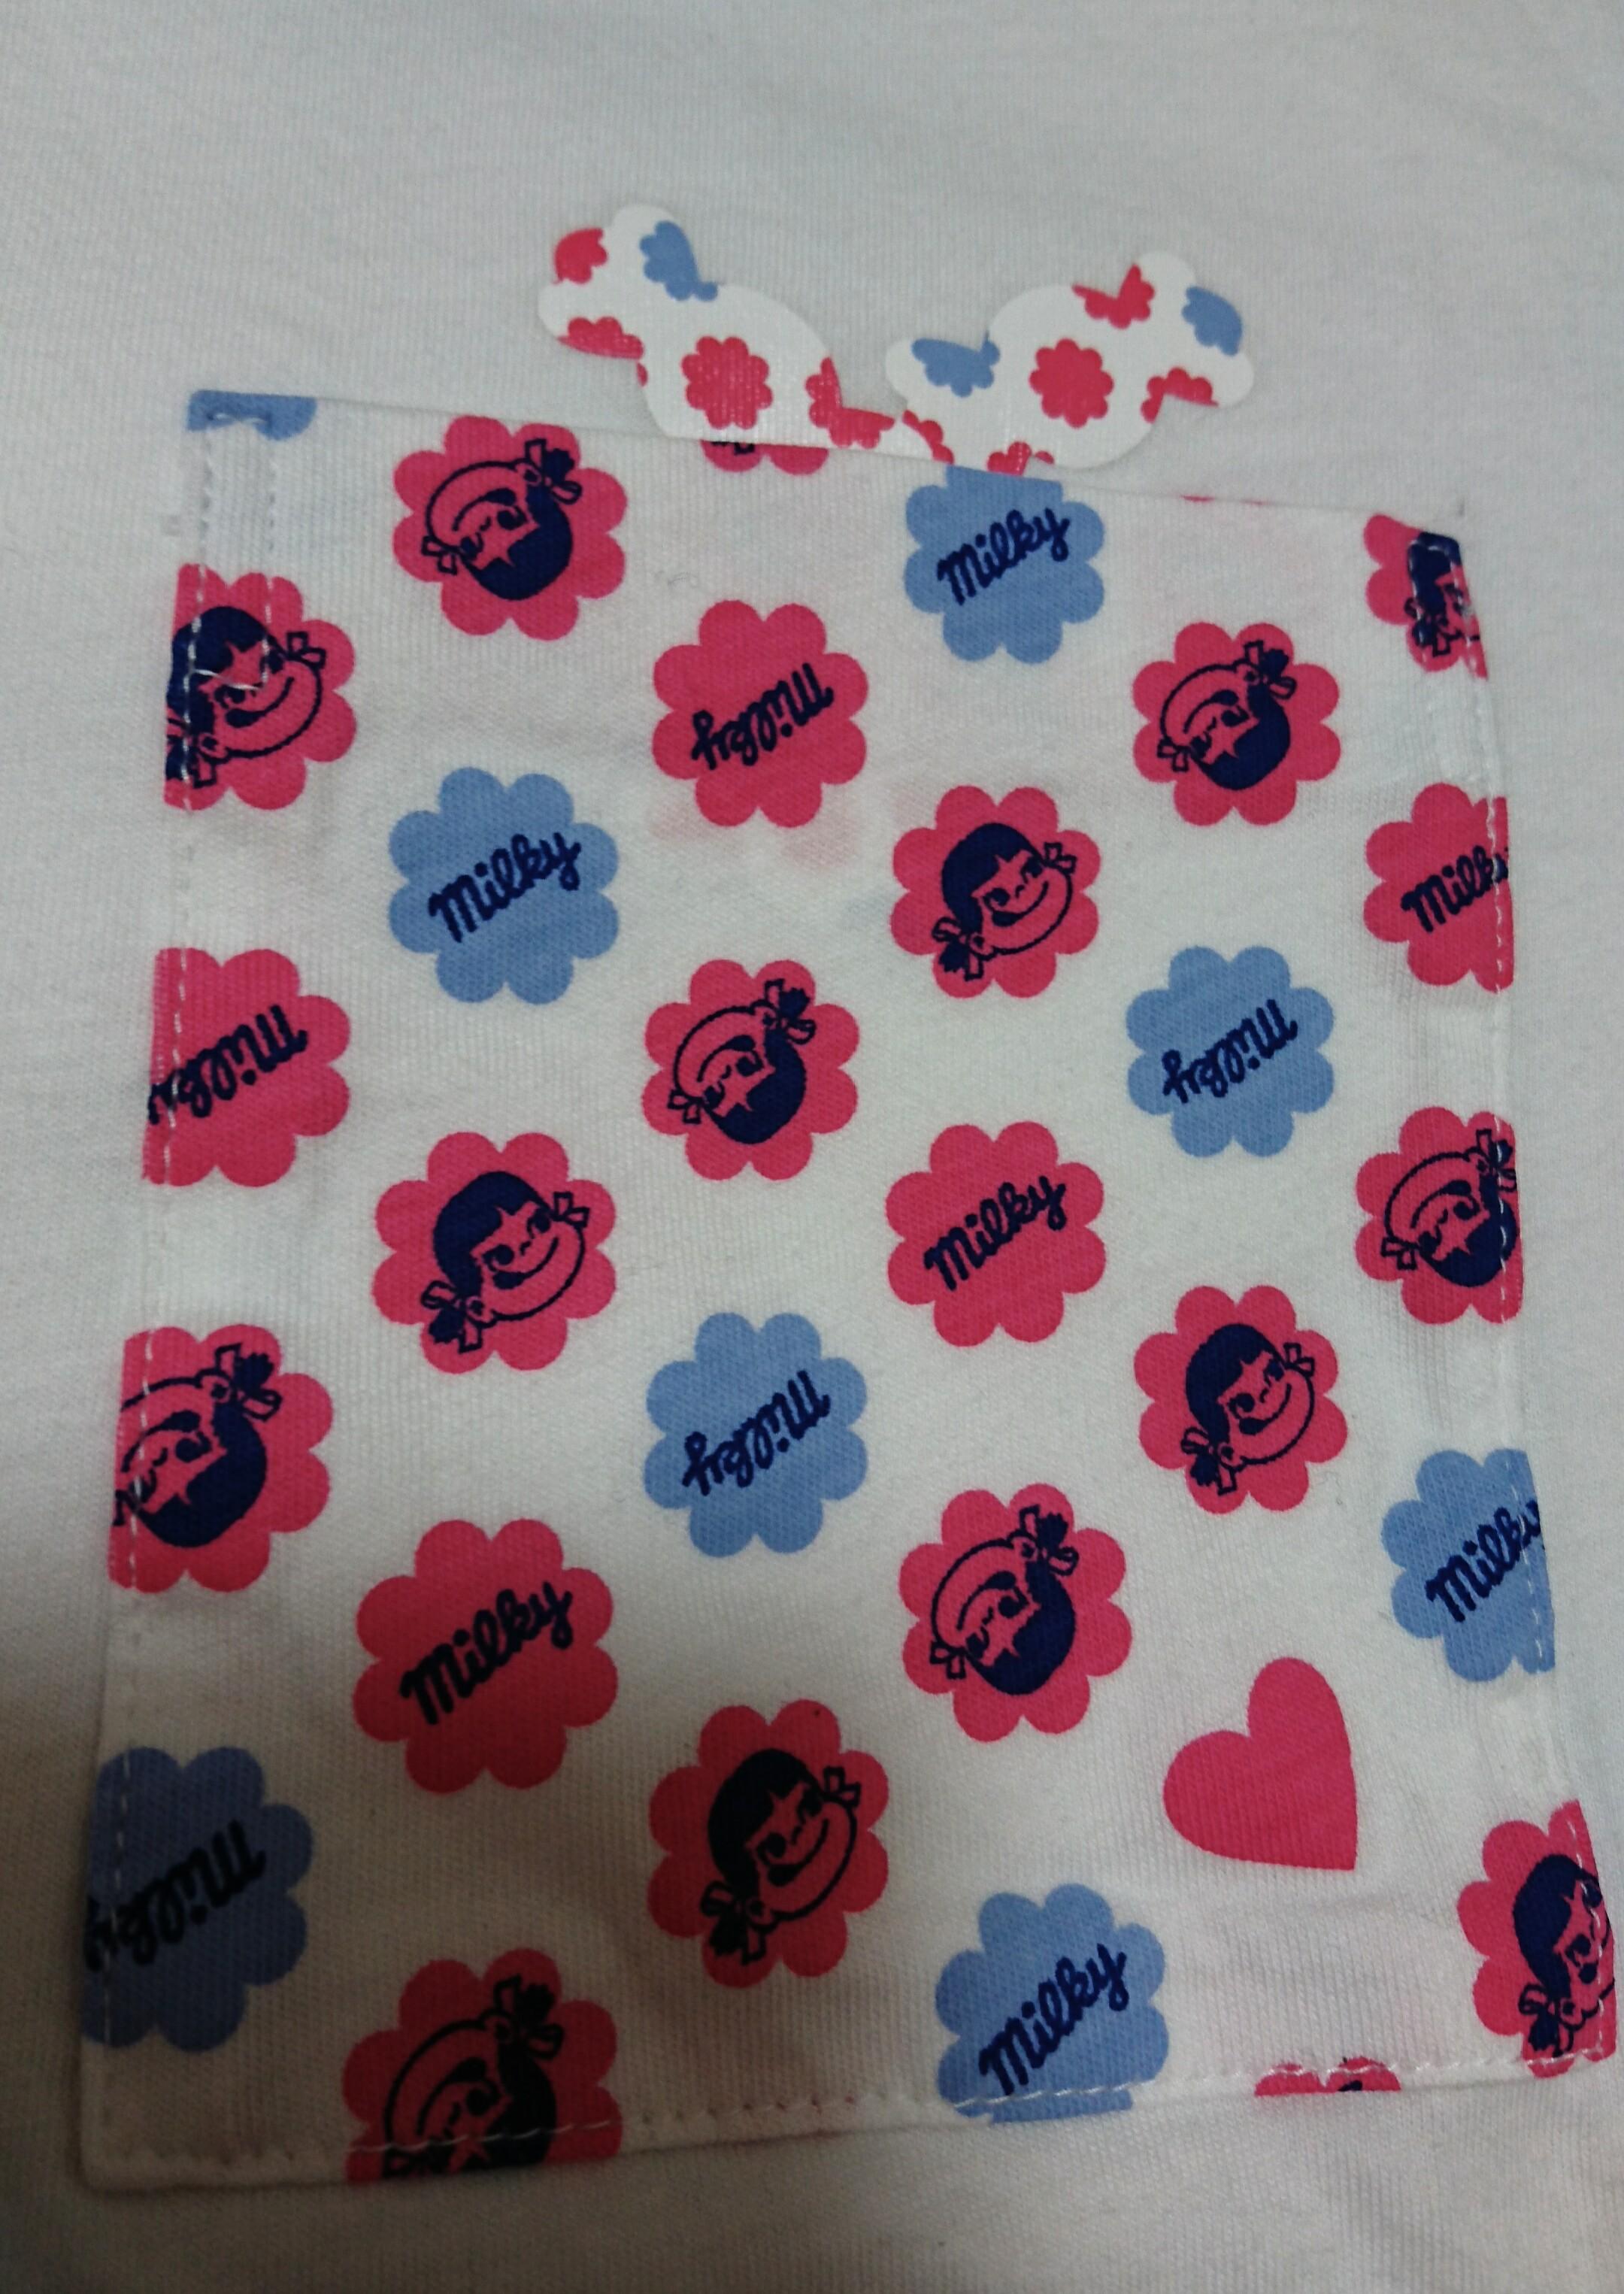 【ユニクロUT】今夏のヘビロテ確実!お菓子とコラボのTシャツ_2